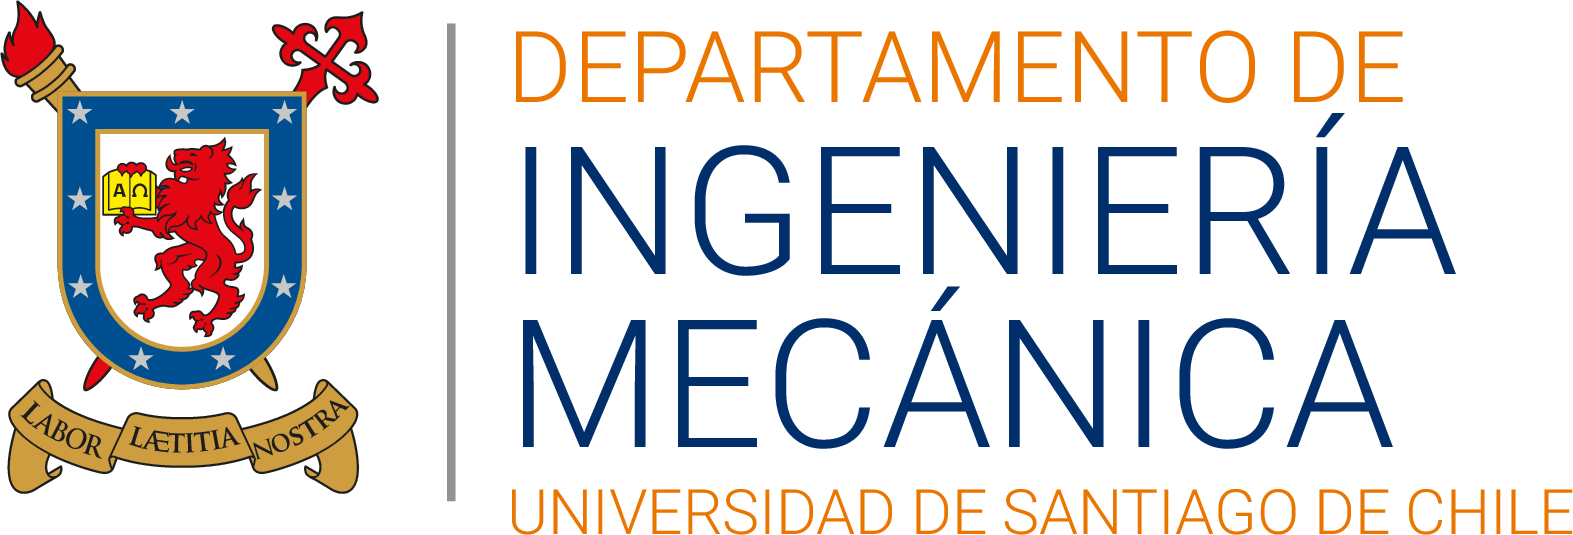 Departamento de Ingeniería Mecánica